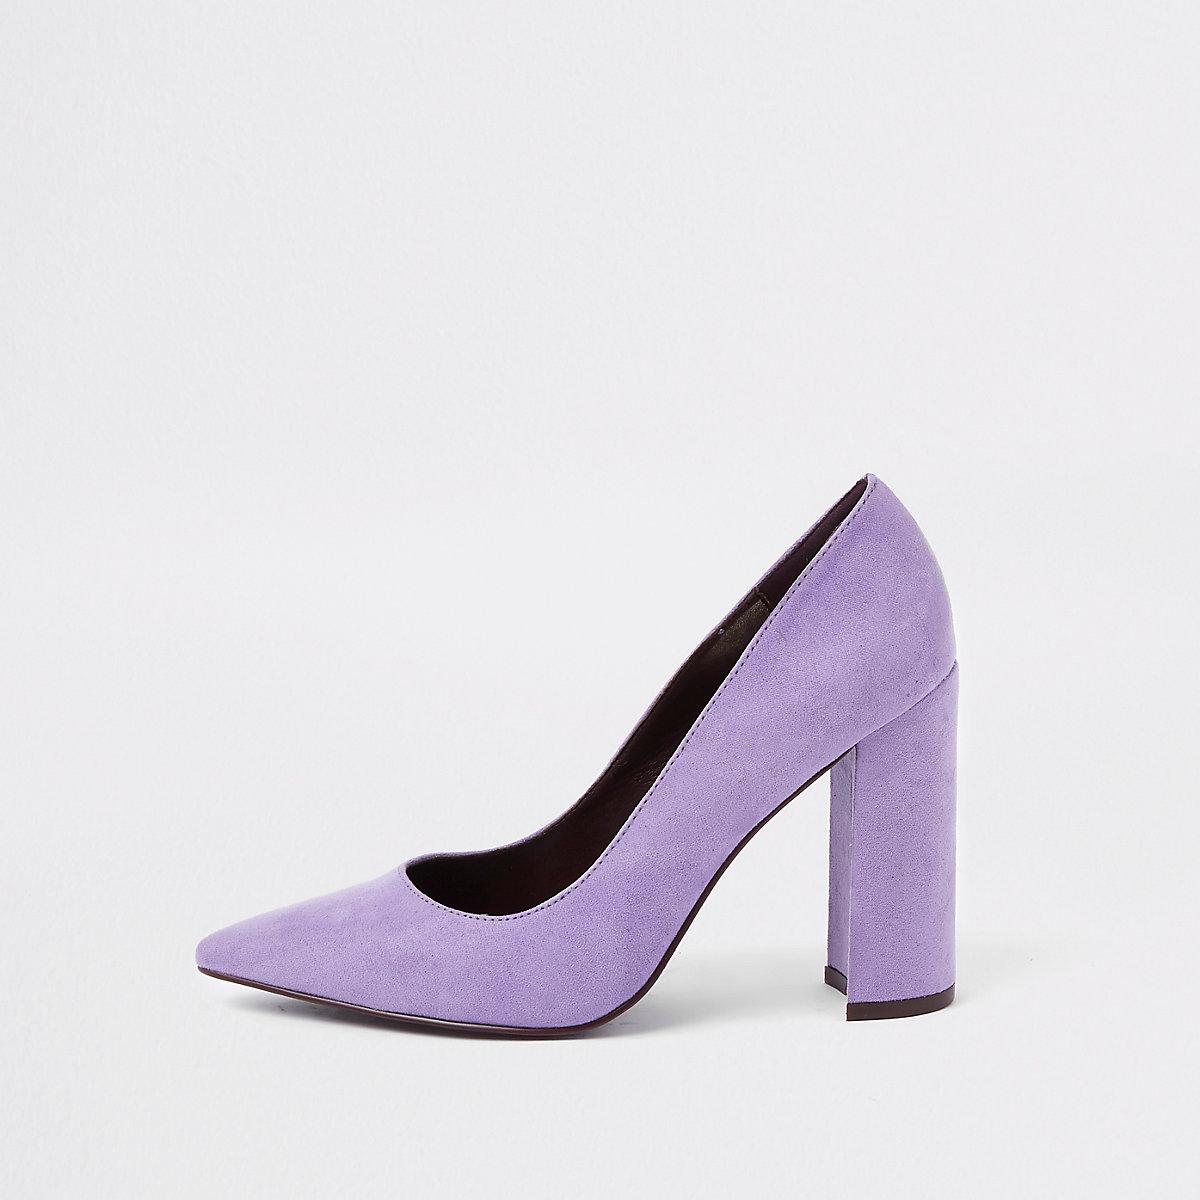 Light purple block heel court shoes